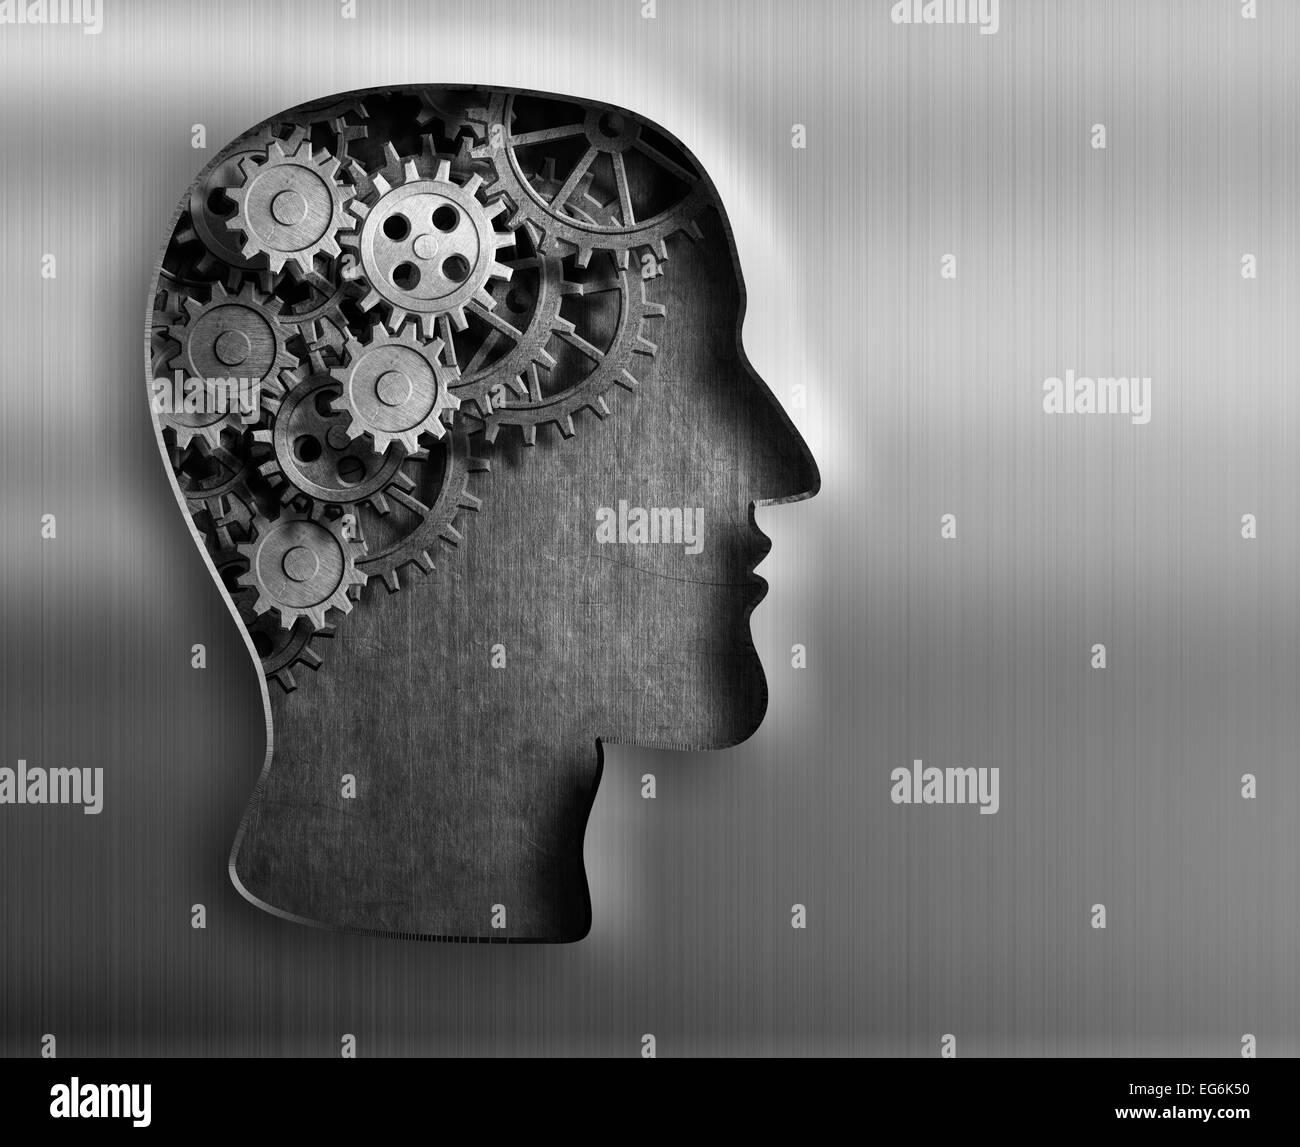 Modèle du cerveau de pignons et rouages de plaque de métal. Photo Stock